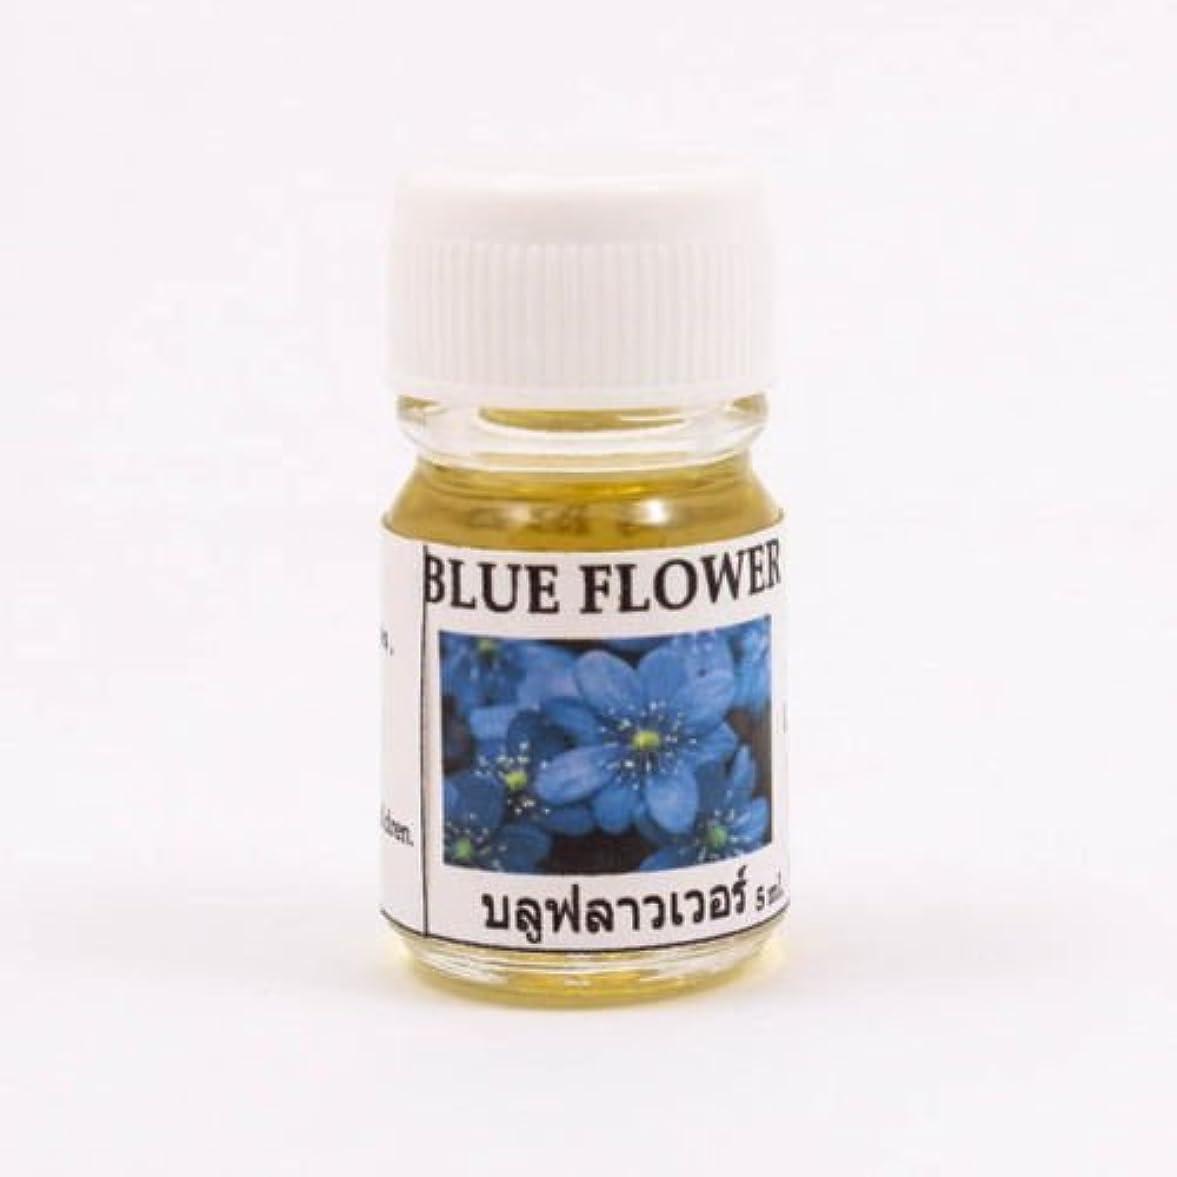 不幸統計時代遅れ6X Blue Flower Aroma Fragrance Essential Oil 5ML. Diffuser Burner Therapy